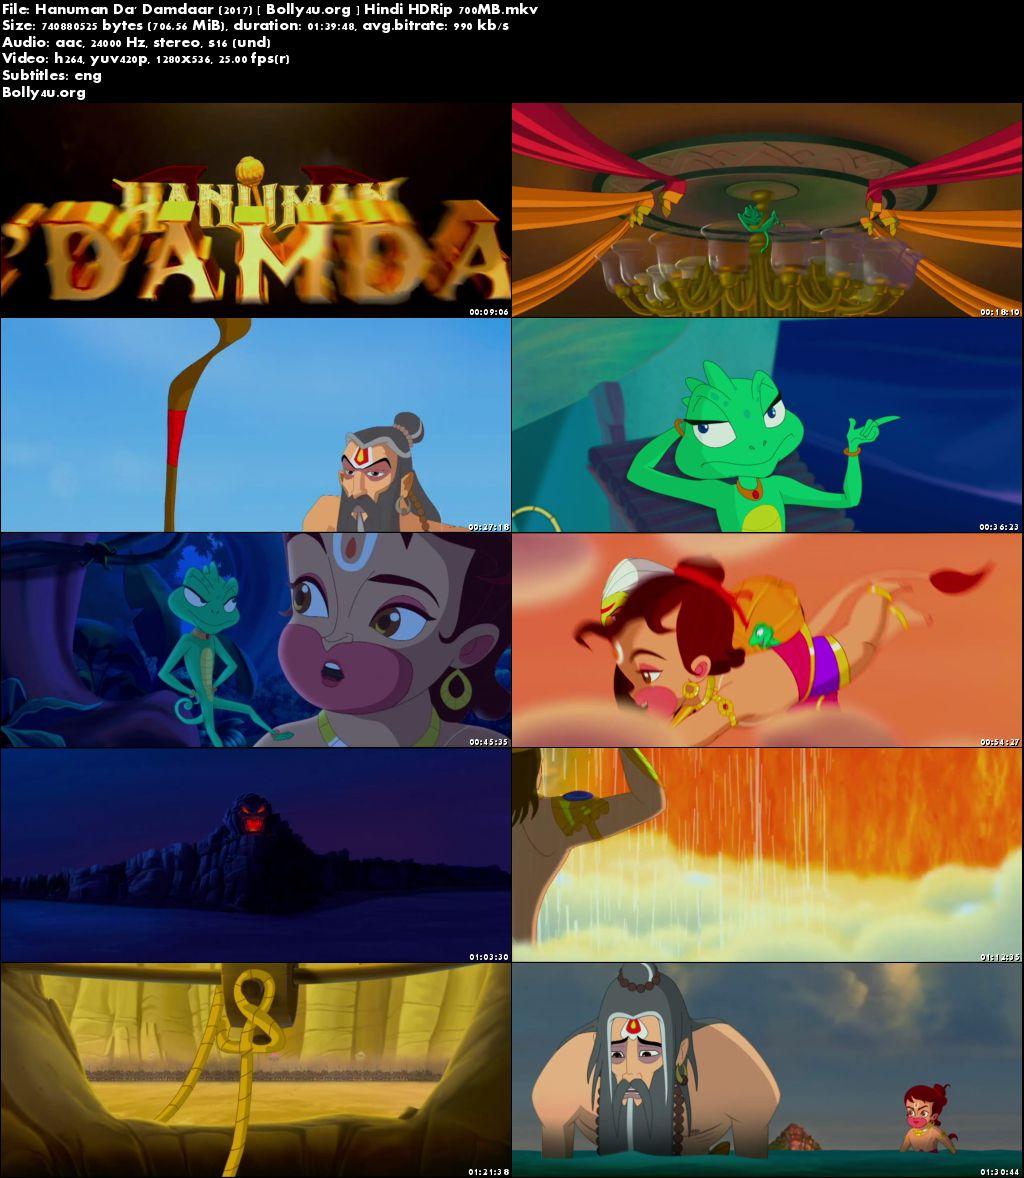 Hanuman Da Damdaar 2017 HDRip 700MB Full Hindi Movie Download